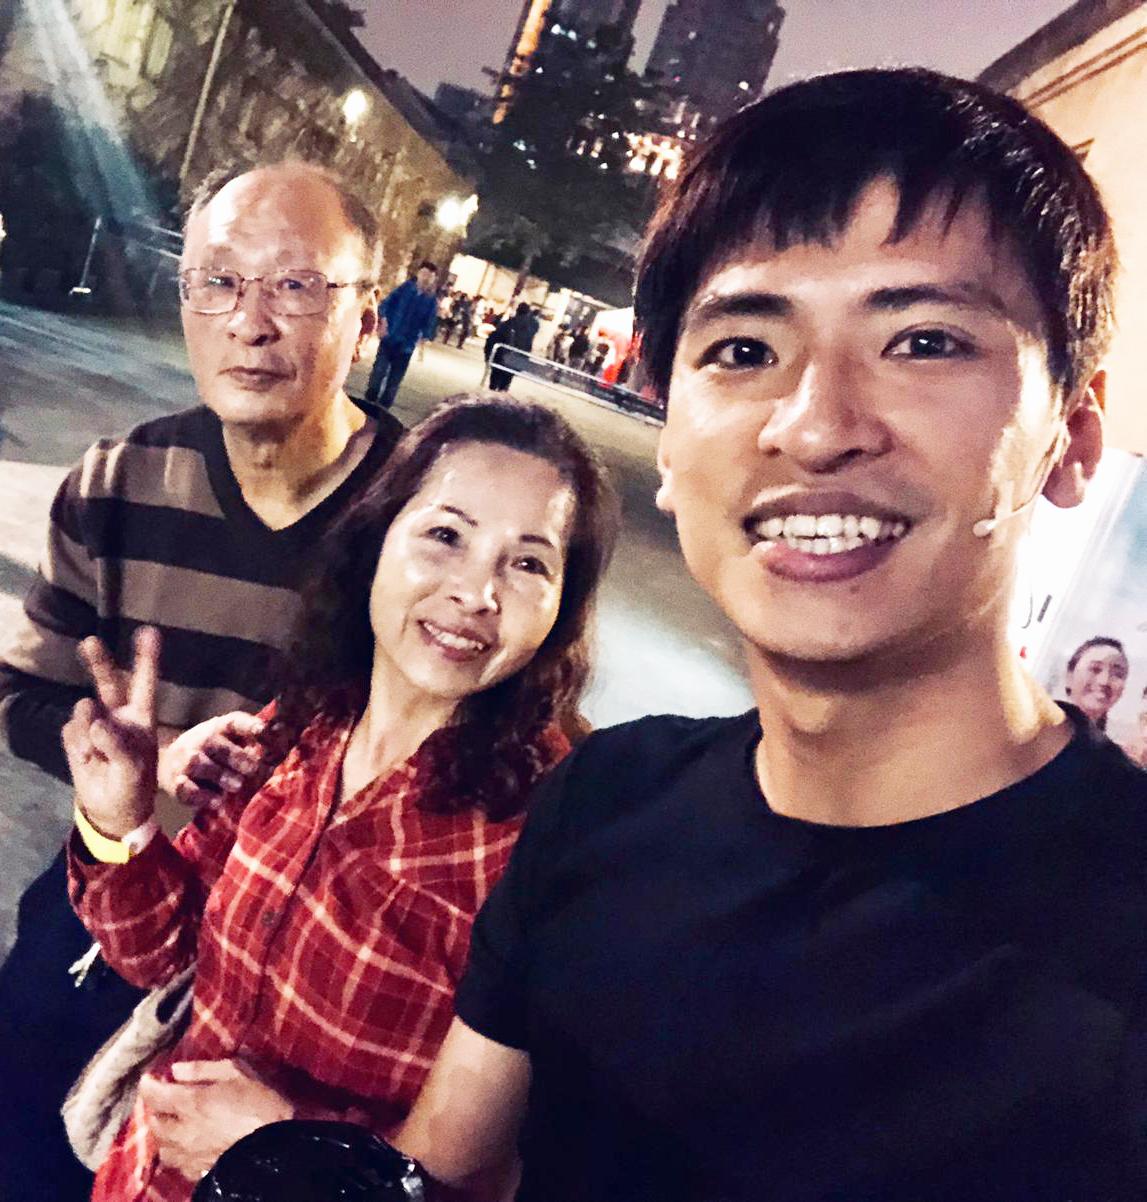 廖文強家庭和樂,爸媽特別到演出現場打氣。(照片提供:何樂音樂)